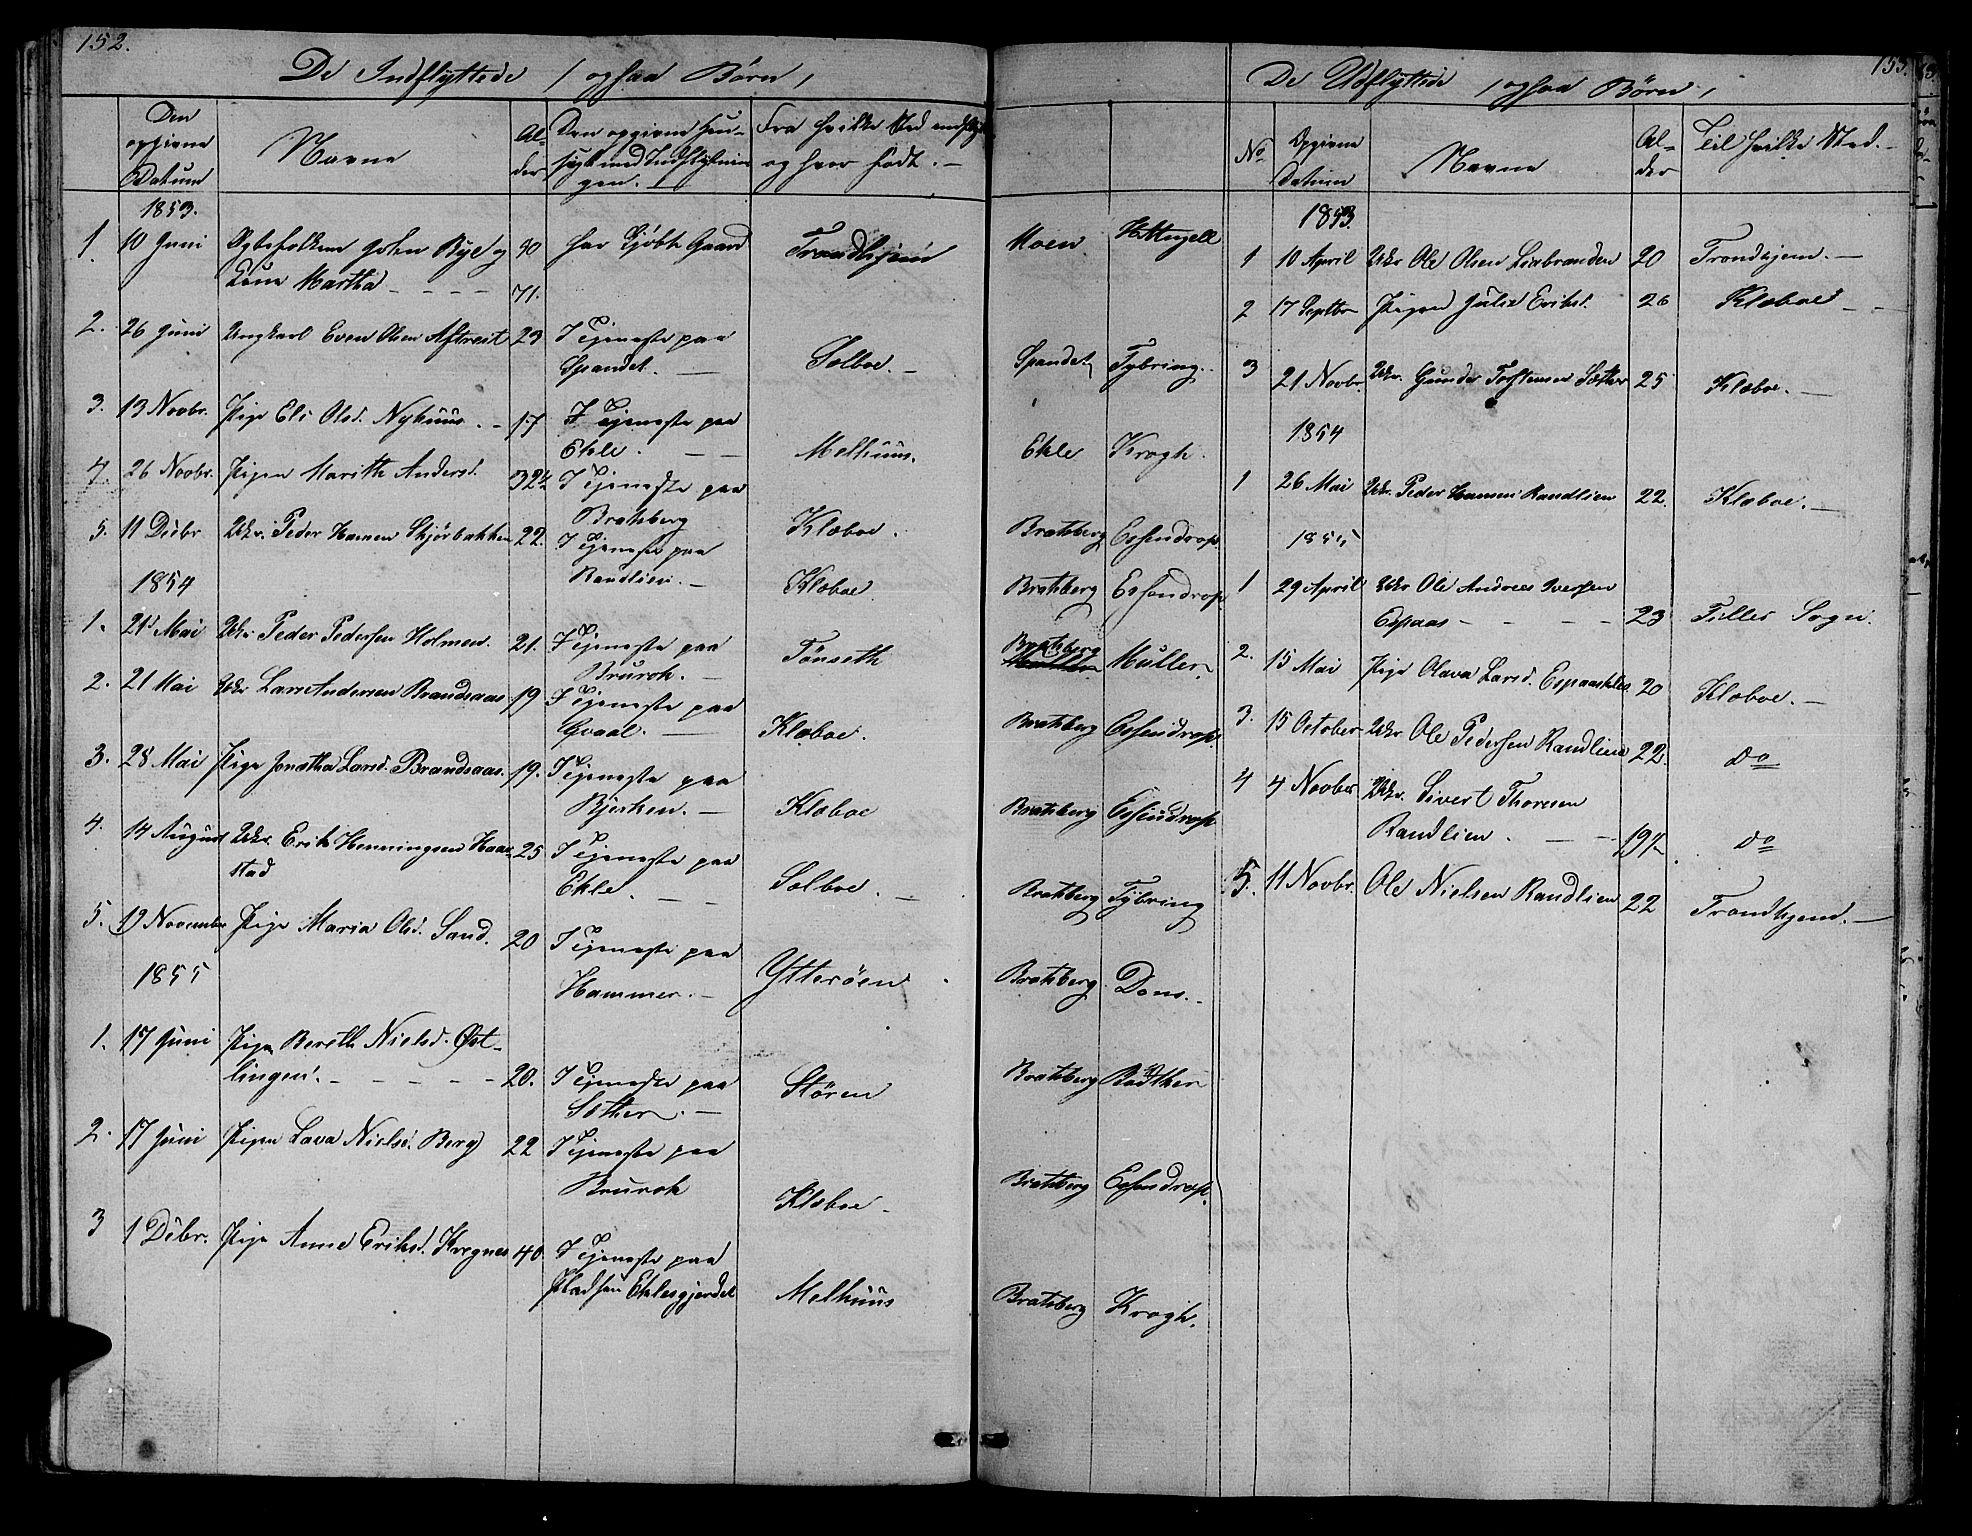 SAT, Ministerialprotokoller, klokkerbøker og fødselsregistre - Sør-Trøndelag, 608/L0339: Klokkerbok nr. 608C05, 1844-1863, s. 152-153